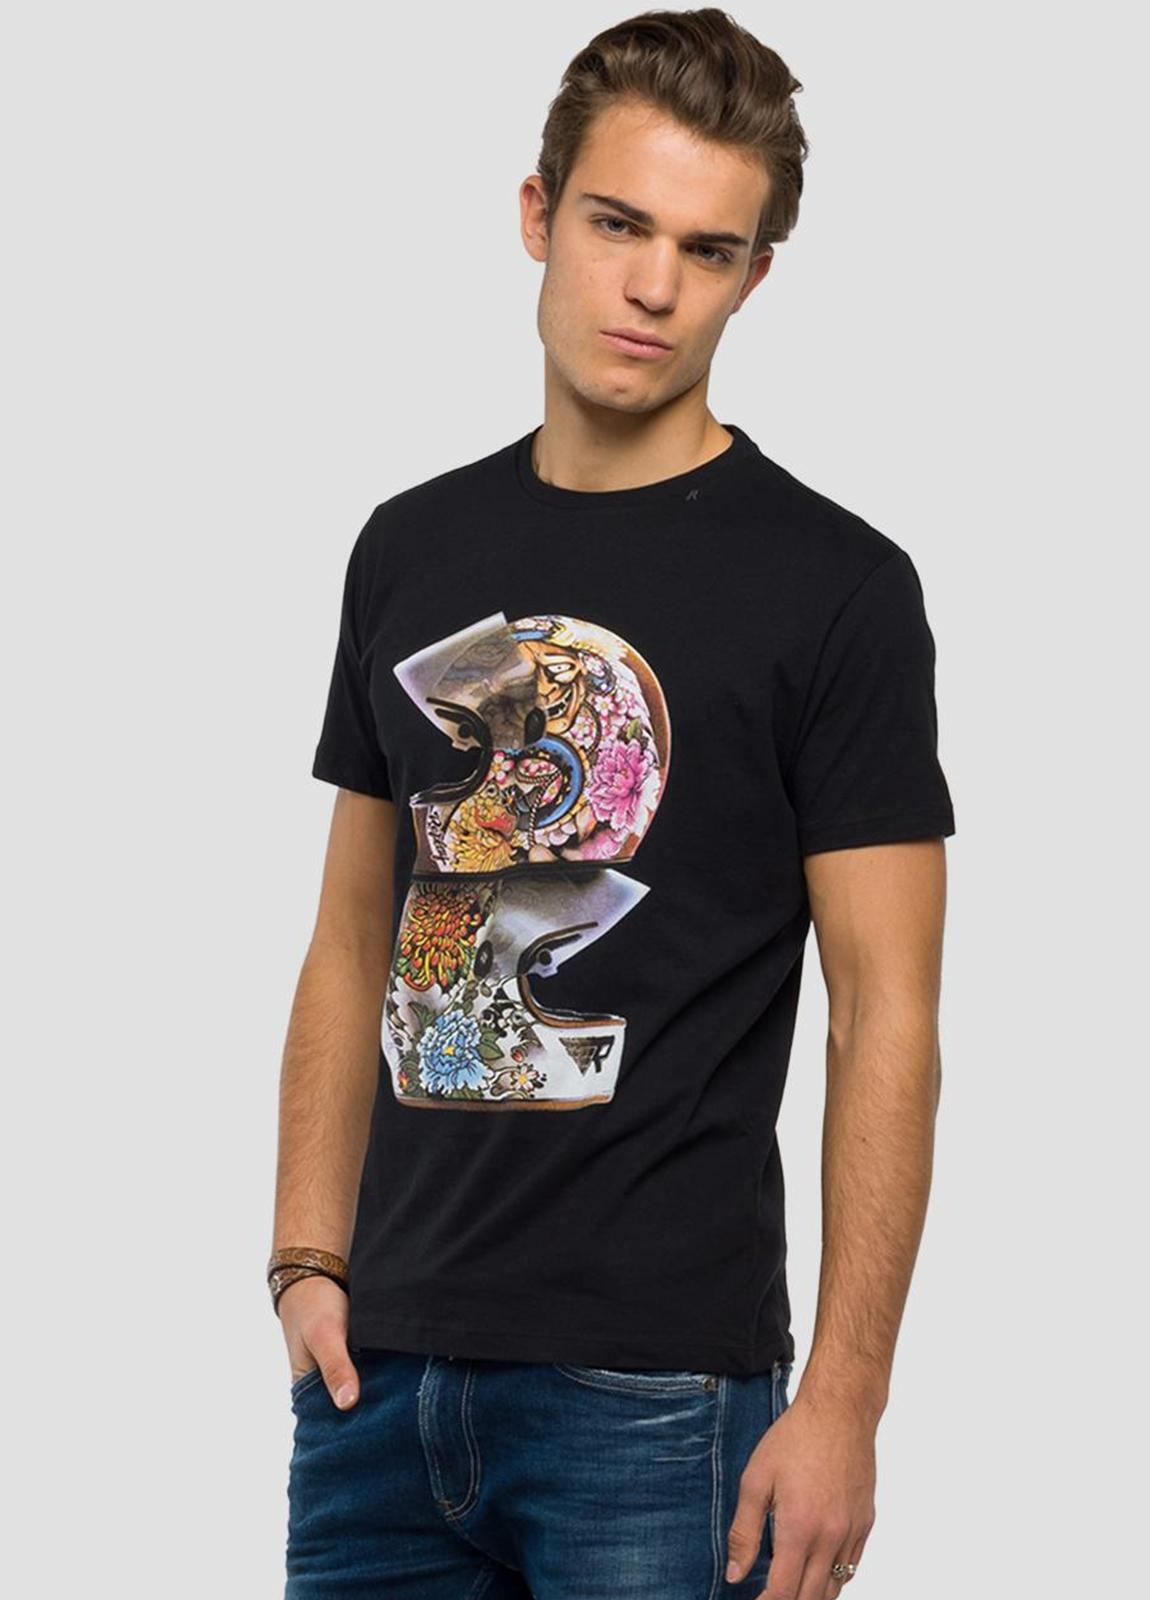 Camiseta manga corta color negro con estampado de cascos.100% Algodón. - Ítem2